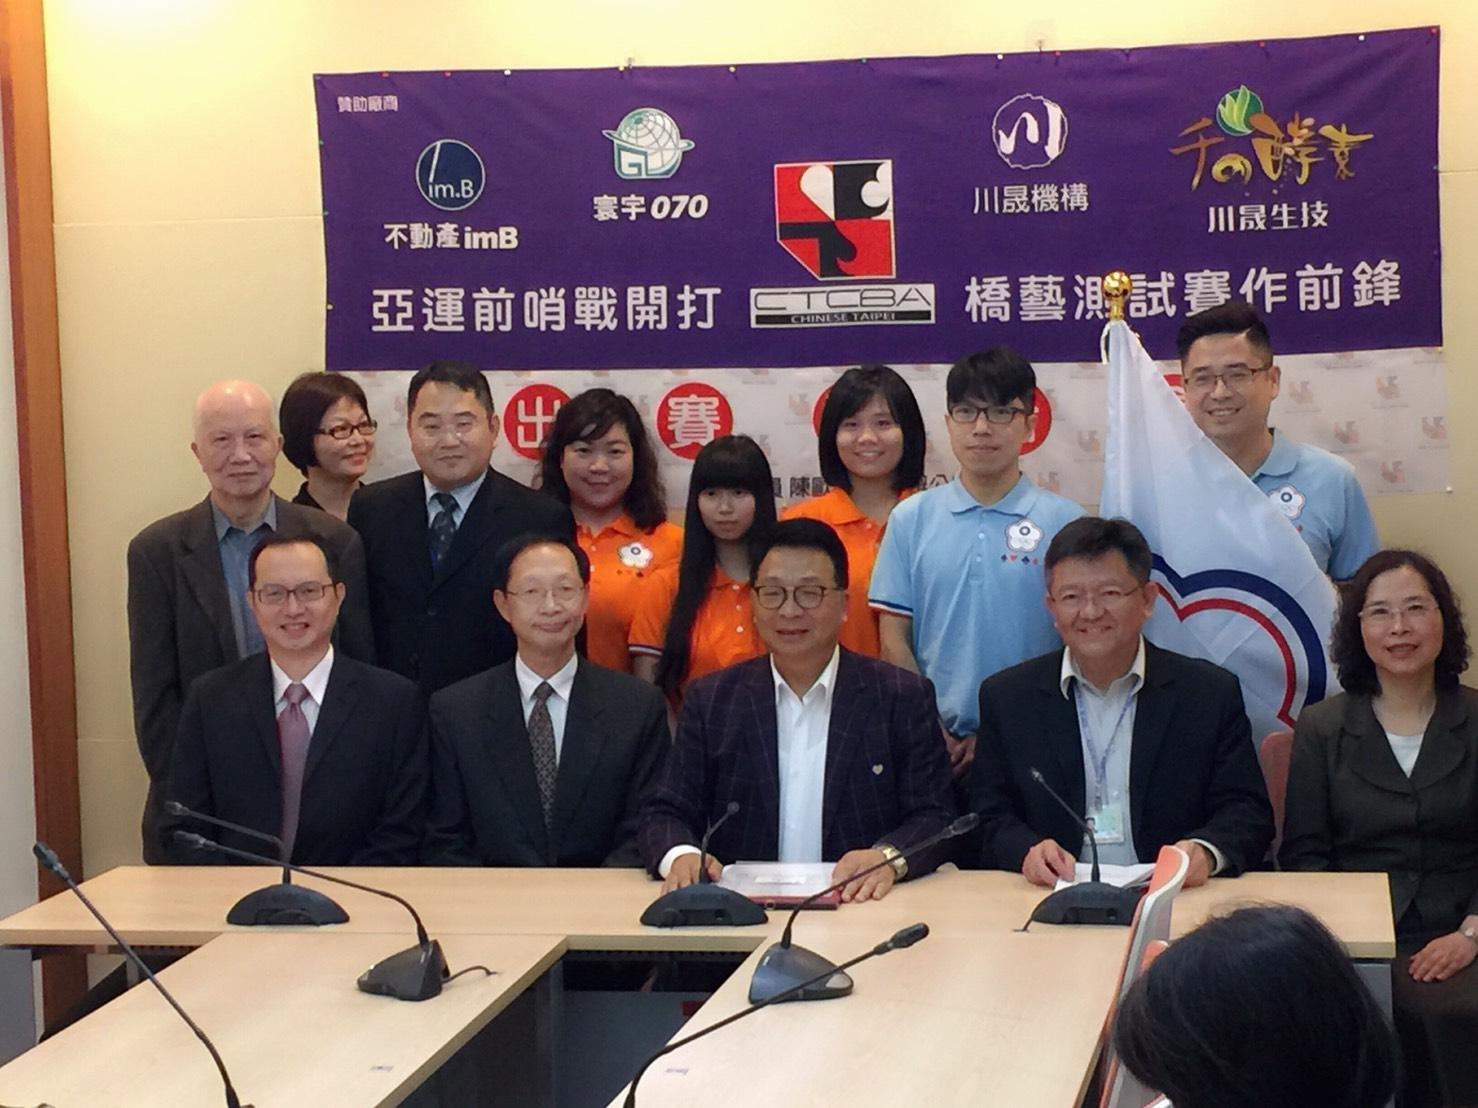 中華民國橋藝協會受邀參賽印尼國際橋藝邀請賽,獲得立法委員陳歐珀大力支持,於11月17日上午假立法院中興大樓103室舉行授旗記者會